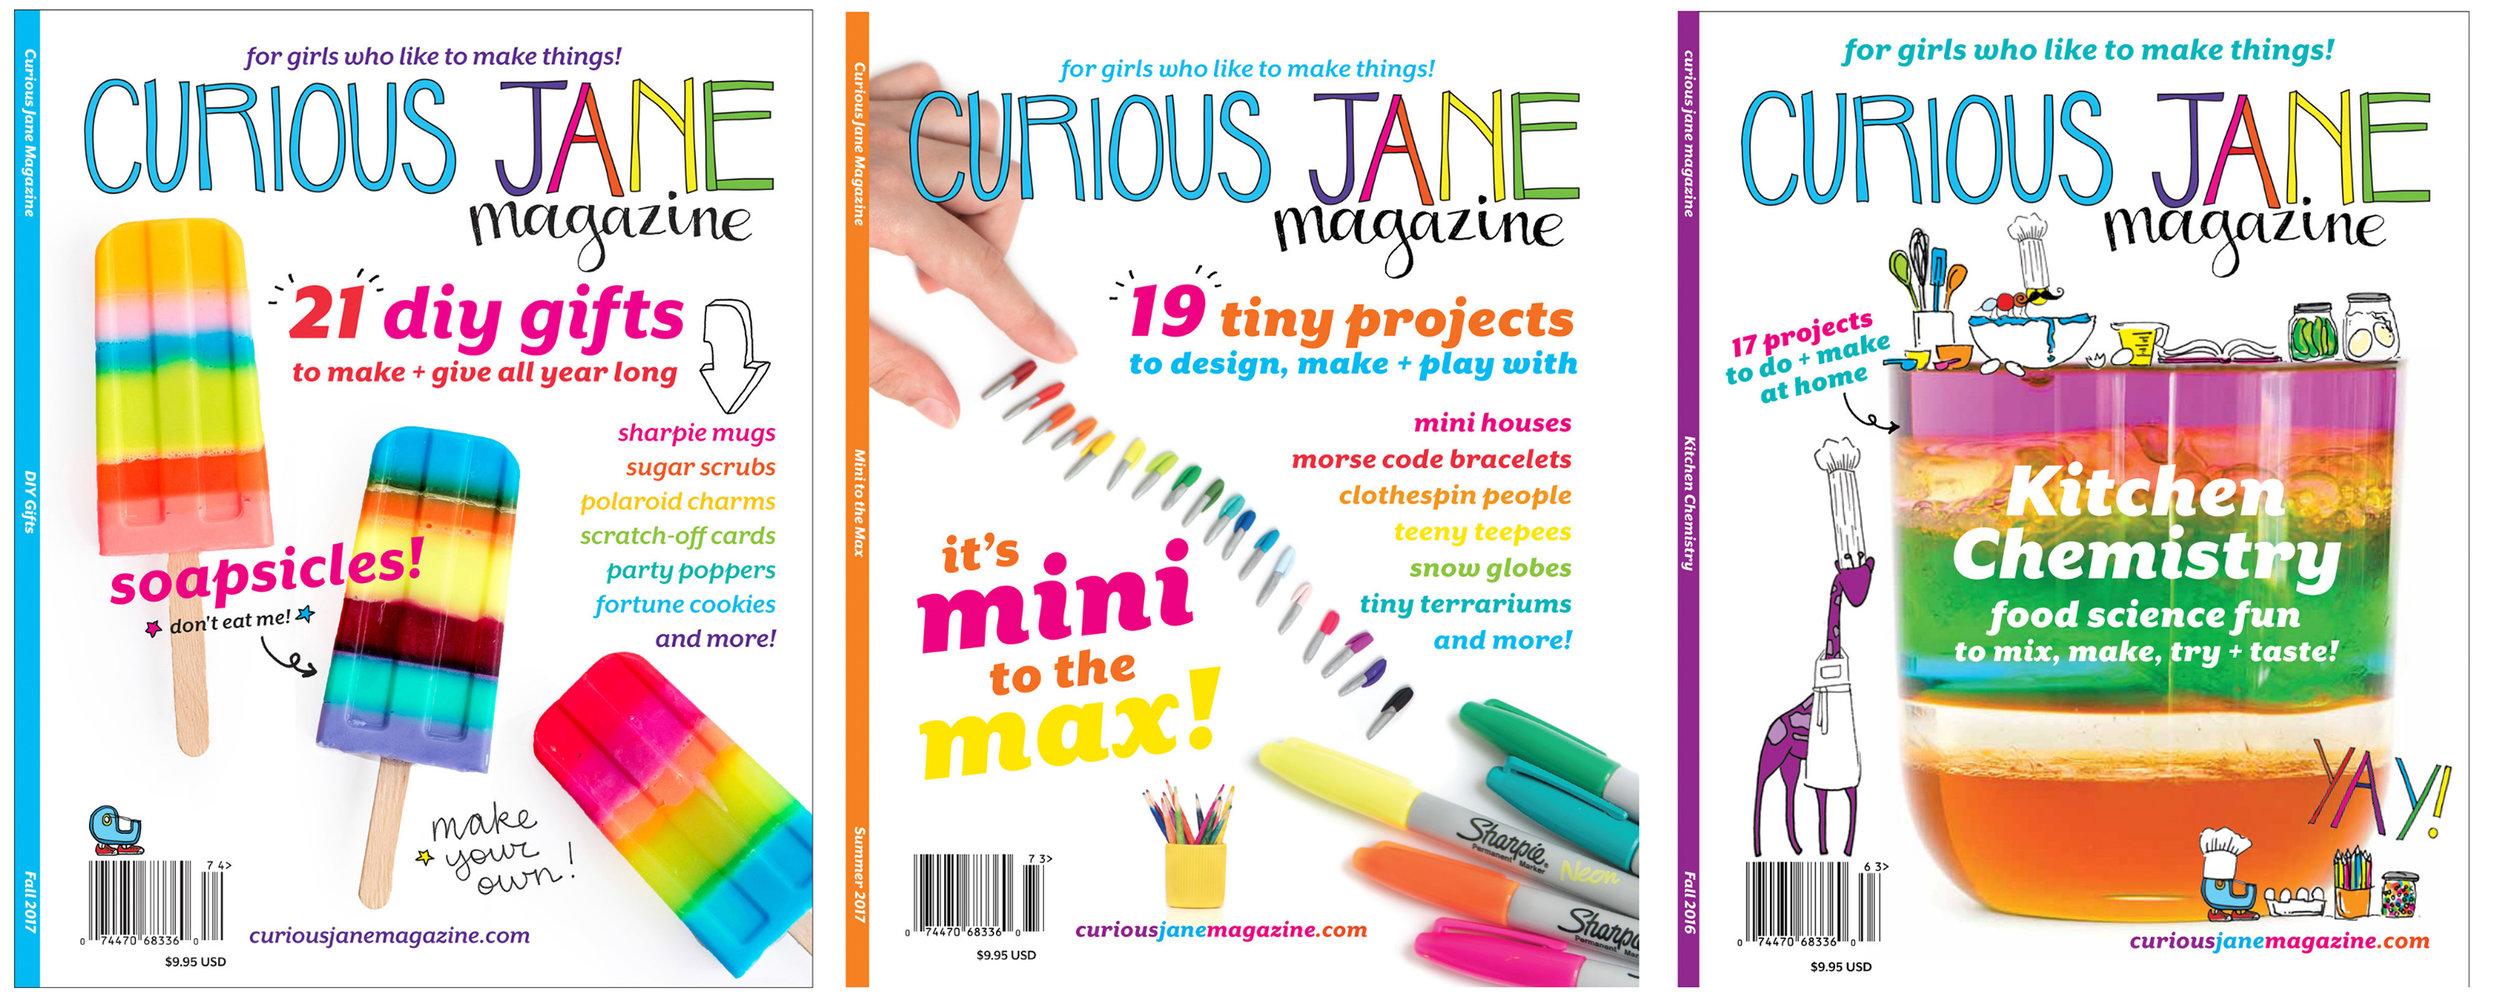 Caroline-Kaye-Photography-Curious-Jane-Magazine